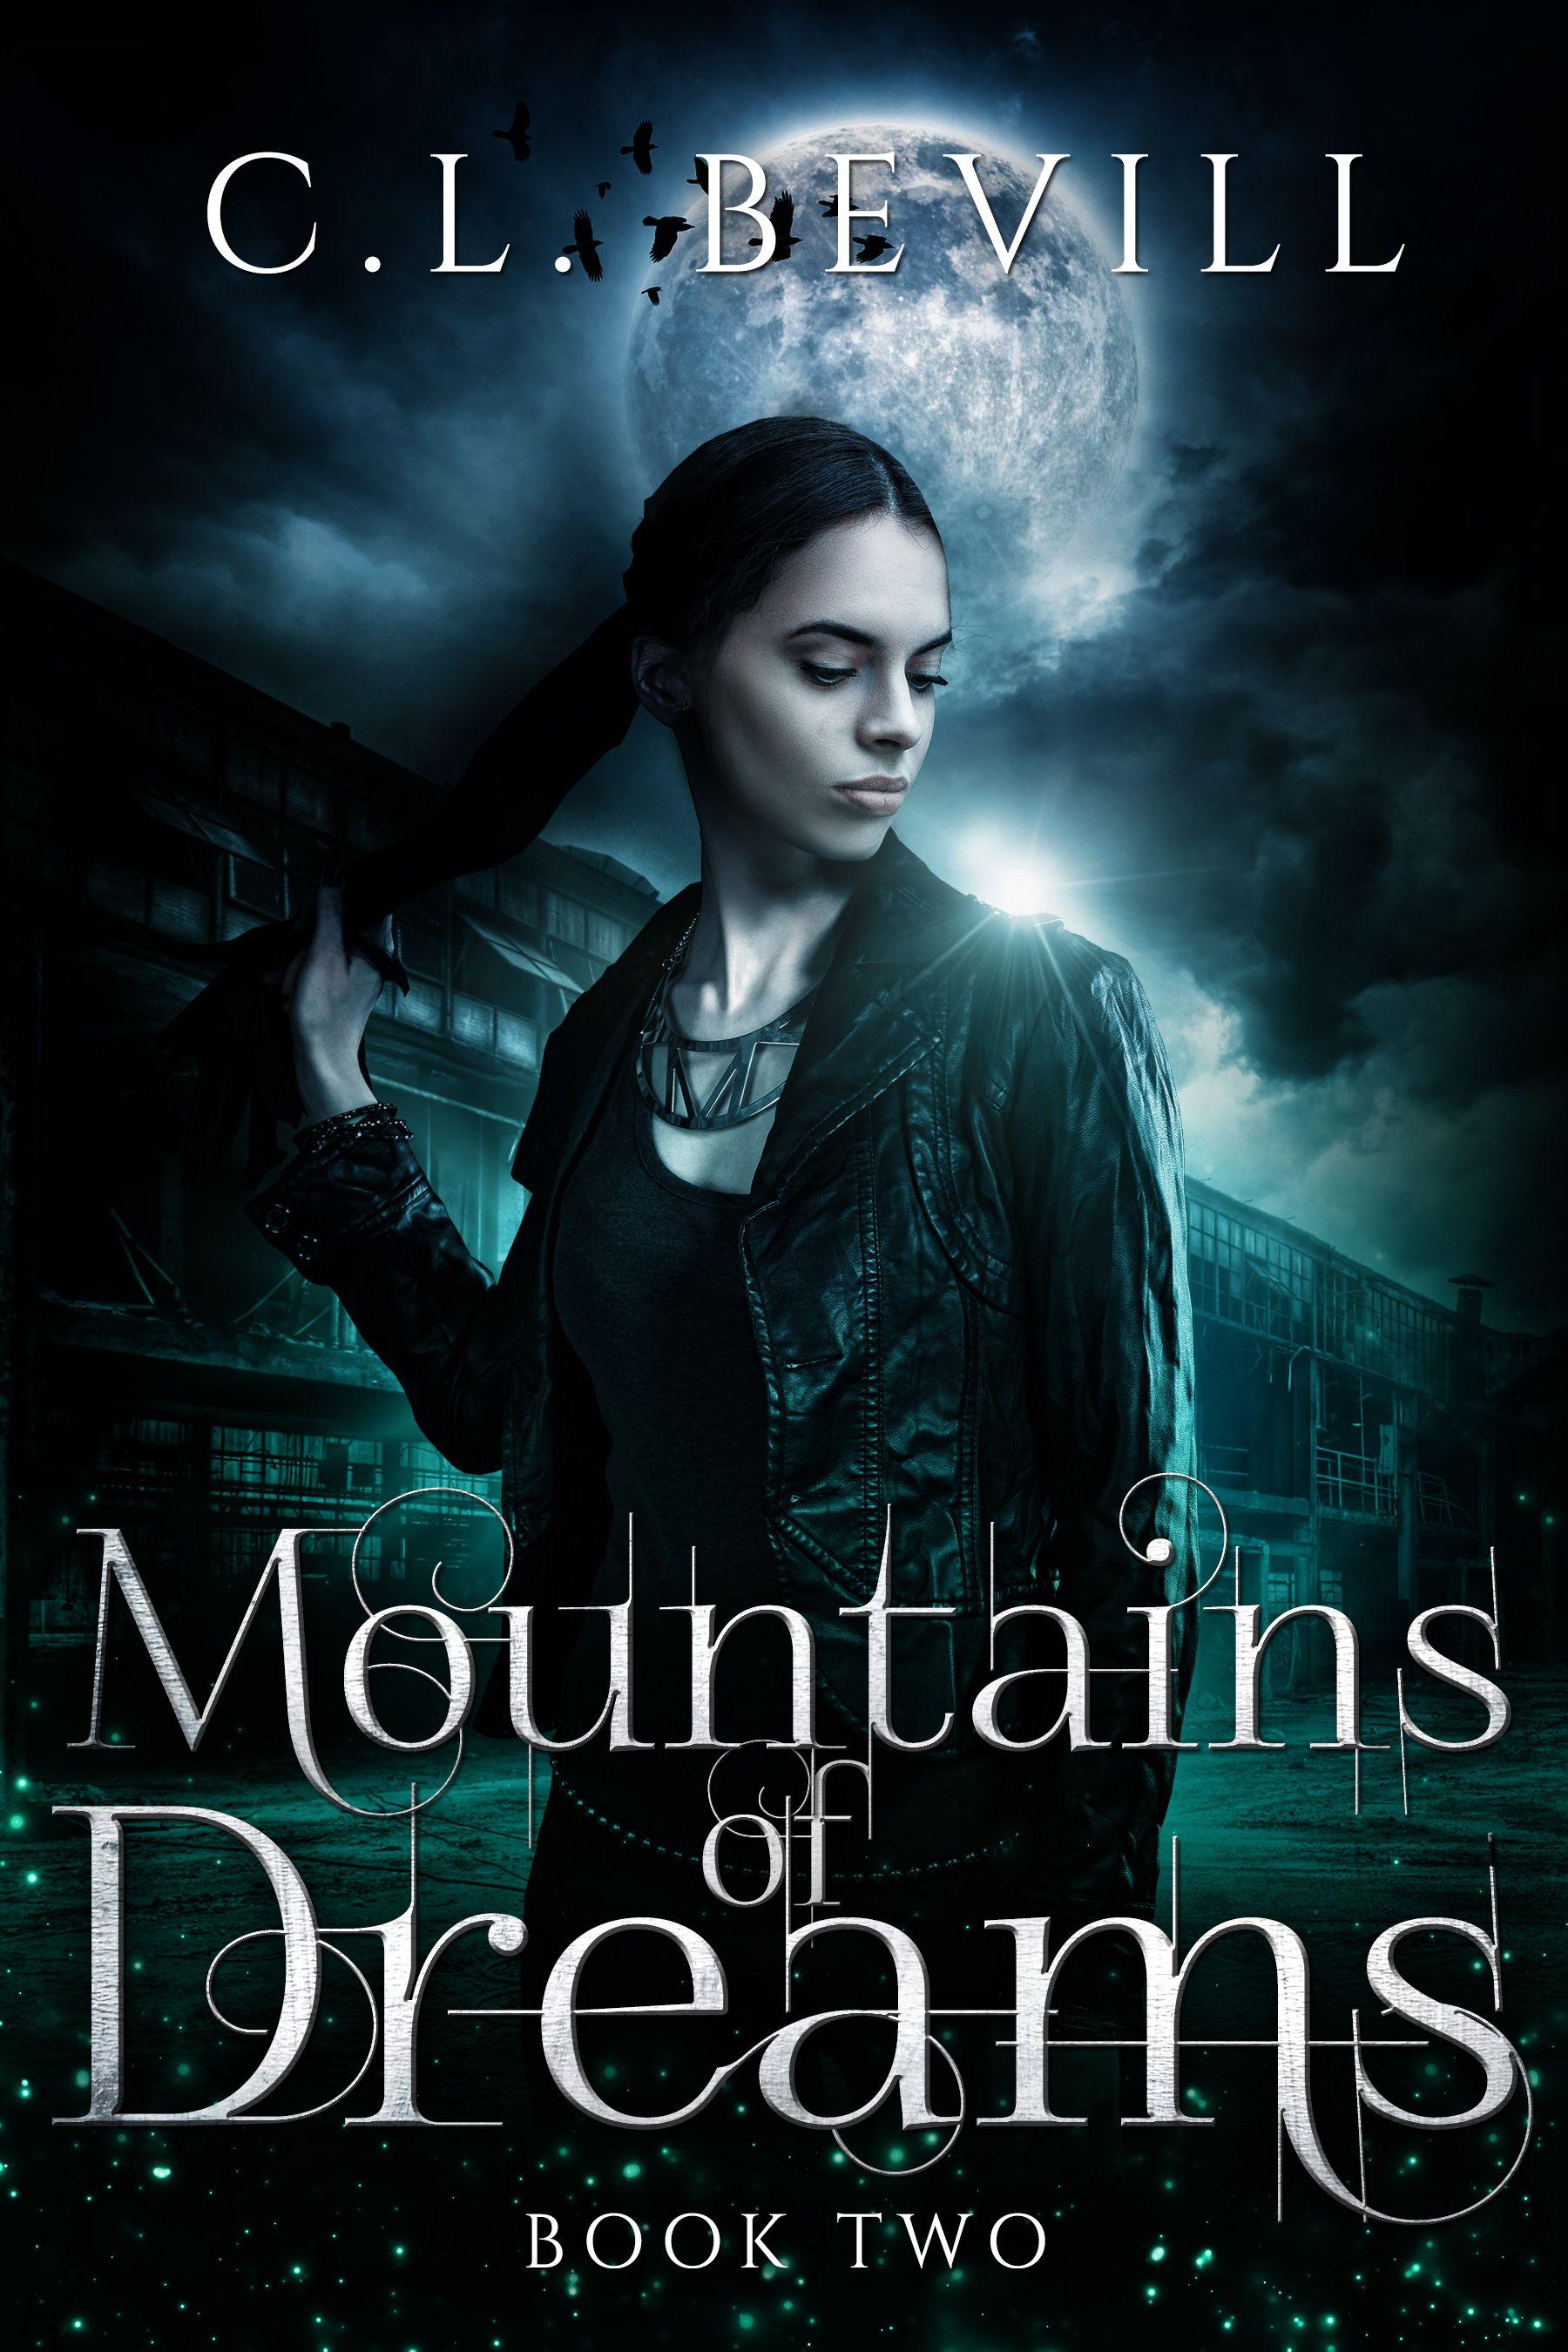 Fantasy Book Cover Design Inspiration : Paranormal urban fantasy book cover design by milo